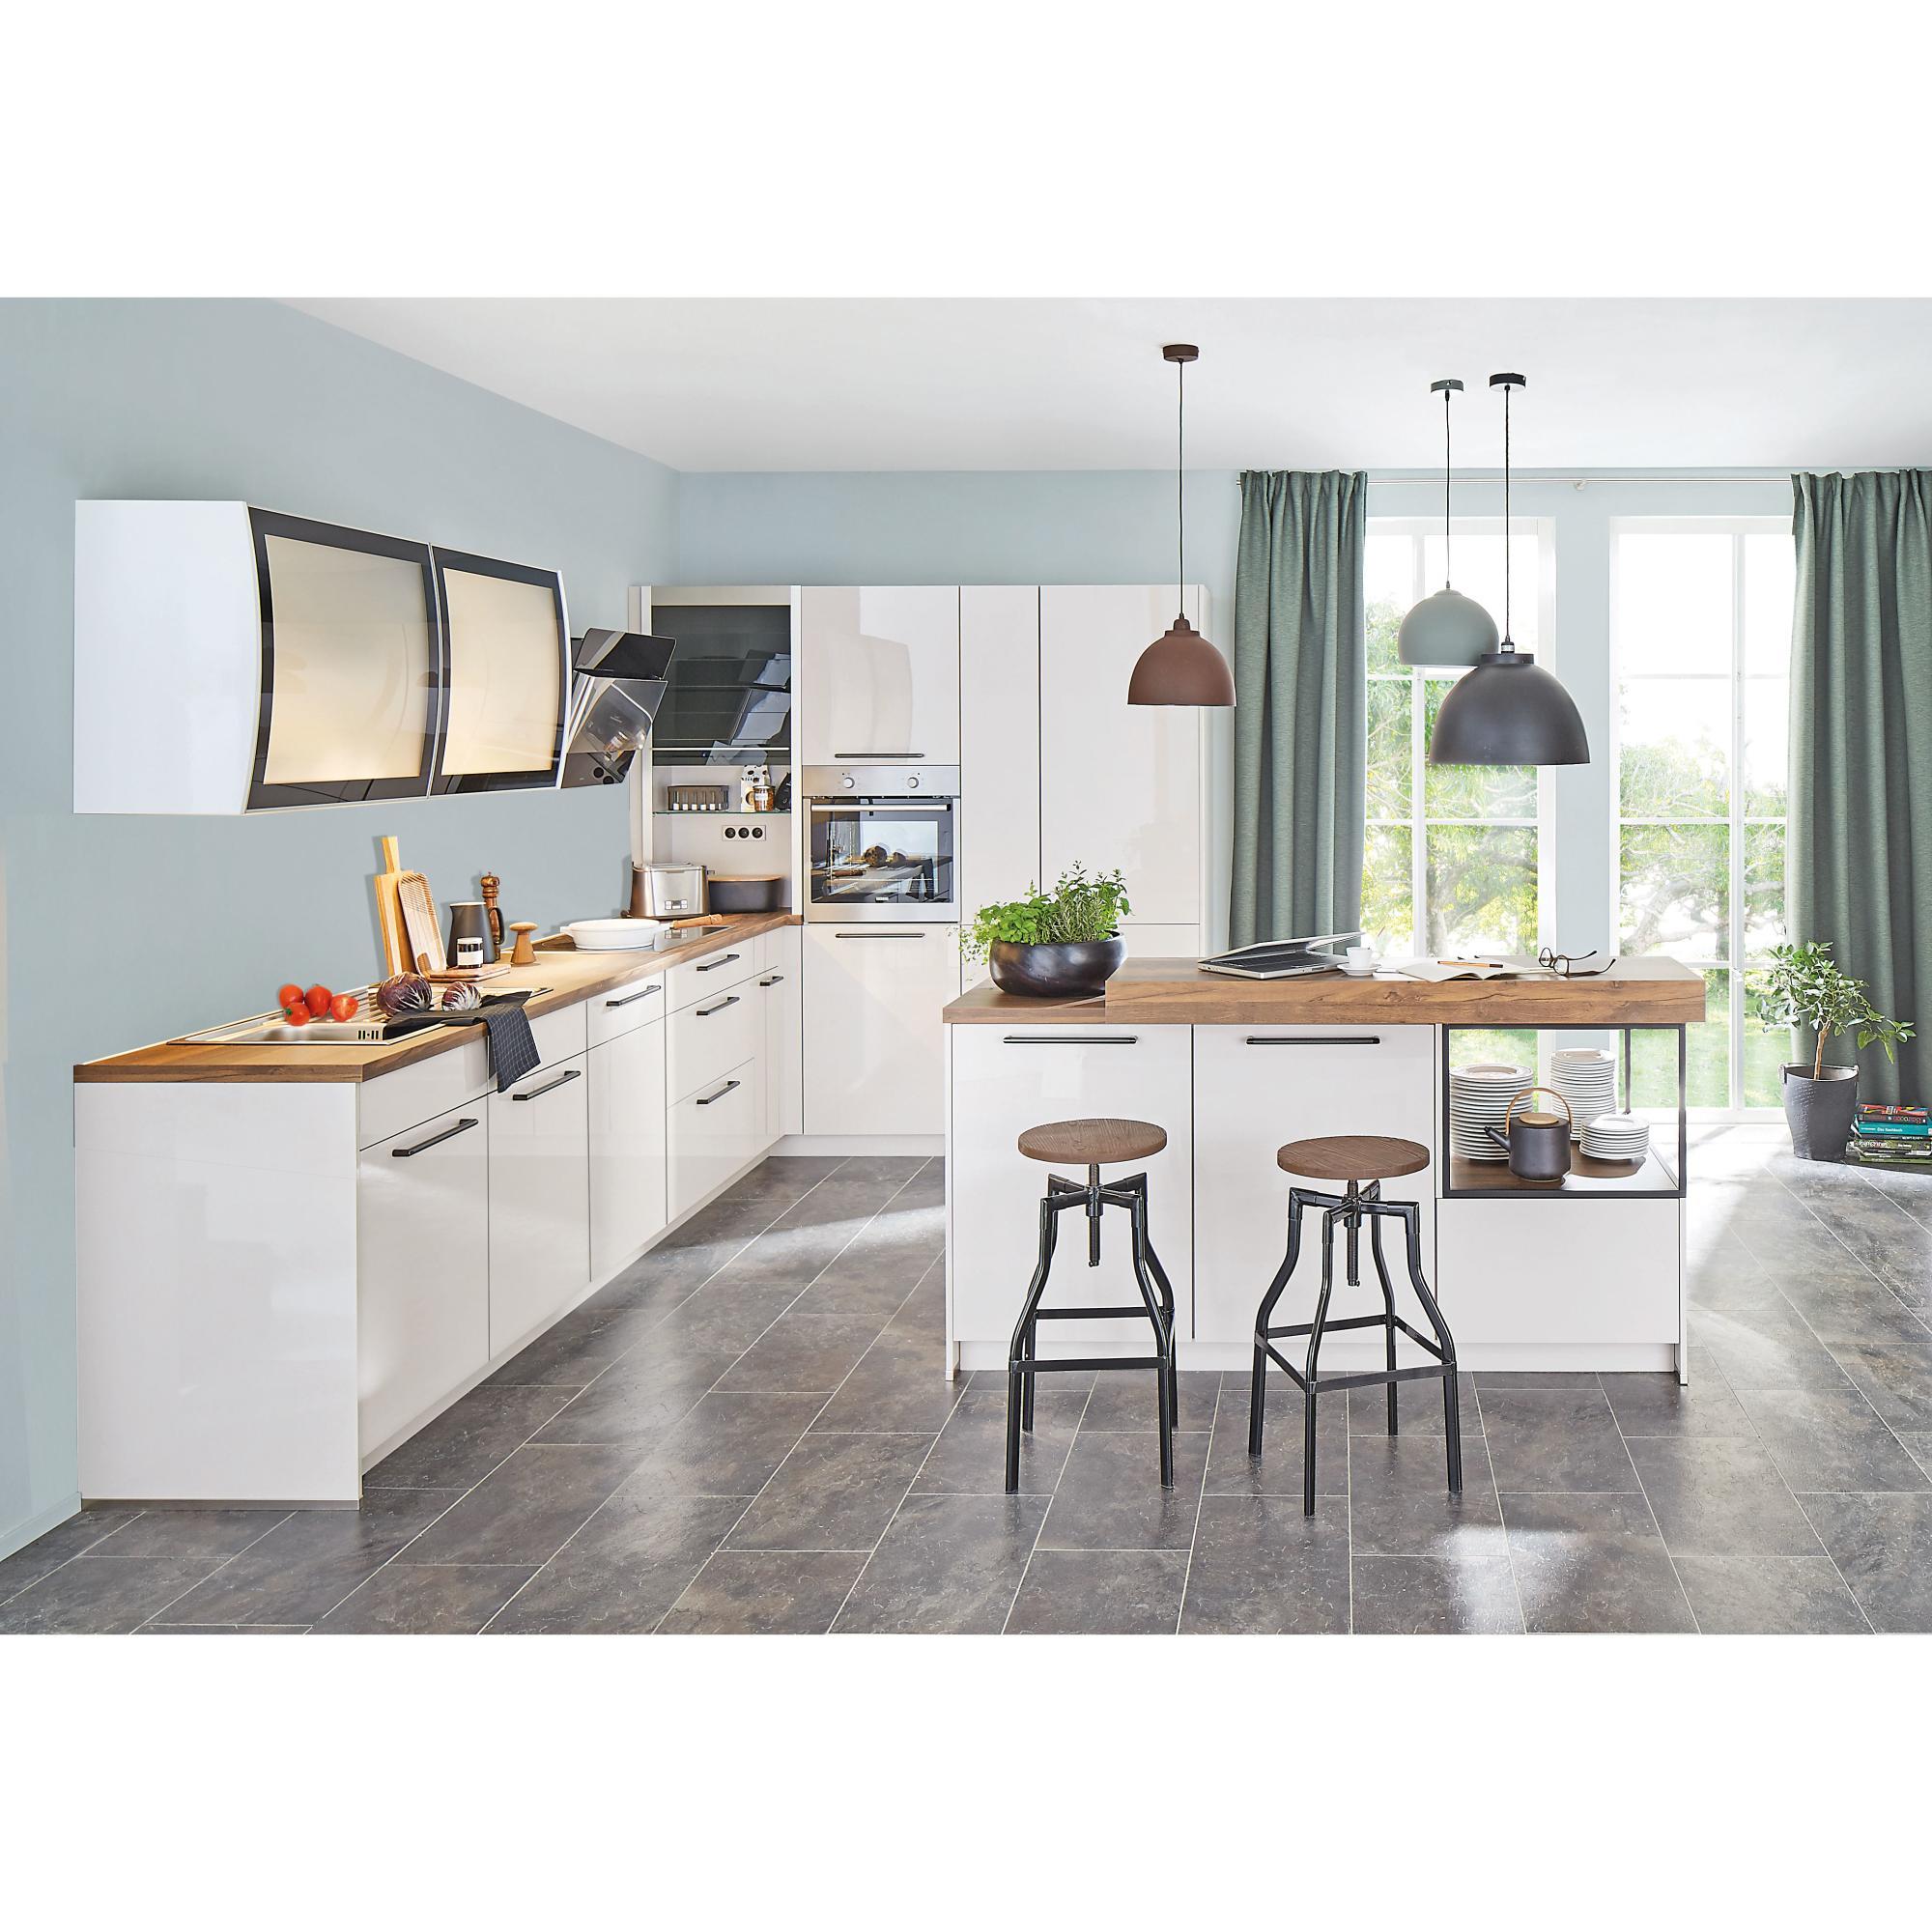 Full Size of Mbel Martin Kchenmbel Online Kaufen Wohnzimmer Küchenmöbel